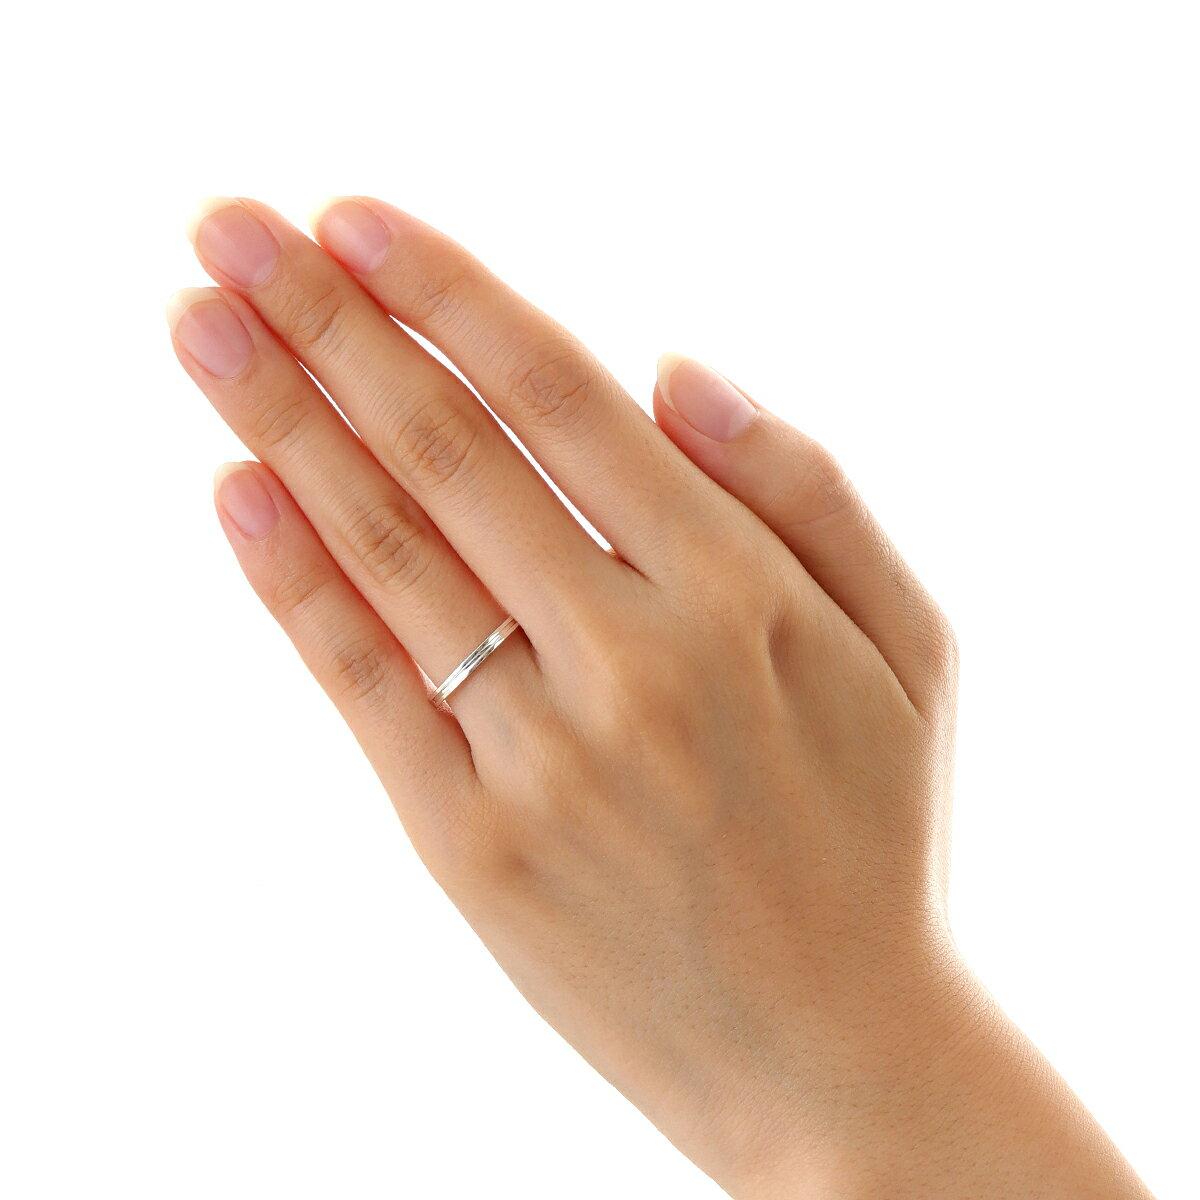 【刻印可_15文字】【あす楽対応】THE KISS 公式サイト シルバー ペアリング ペアアクセサリー カップル に 人気 の ジュエリーブランド THEKISS ペア リング・指輪 記念日 プレゼント SR1869BDM-1870BDM セット シンプル ザキス